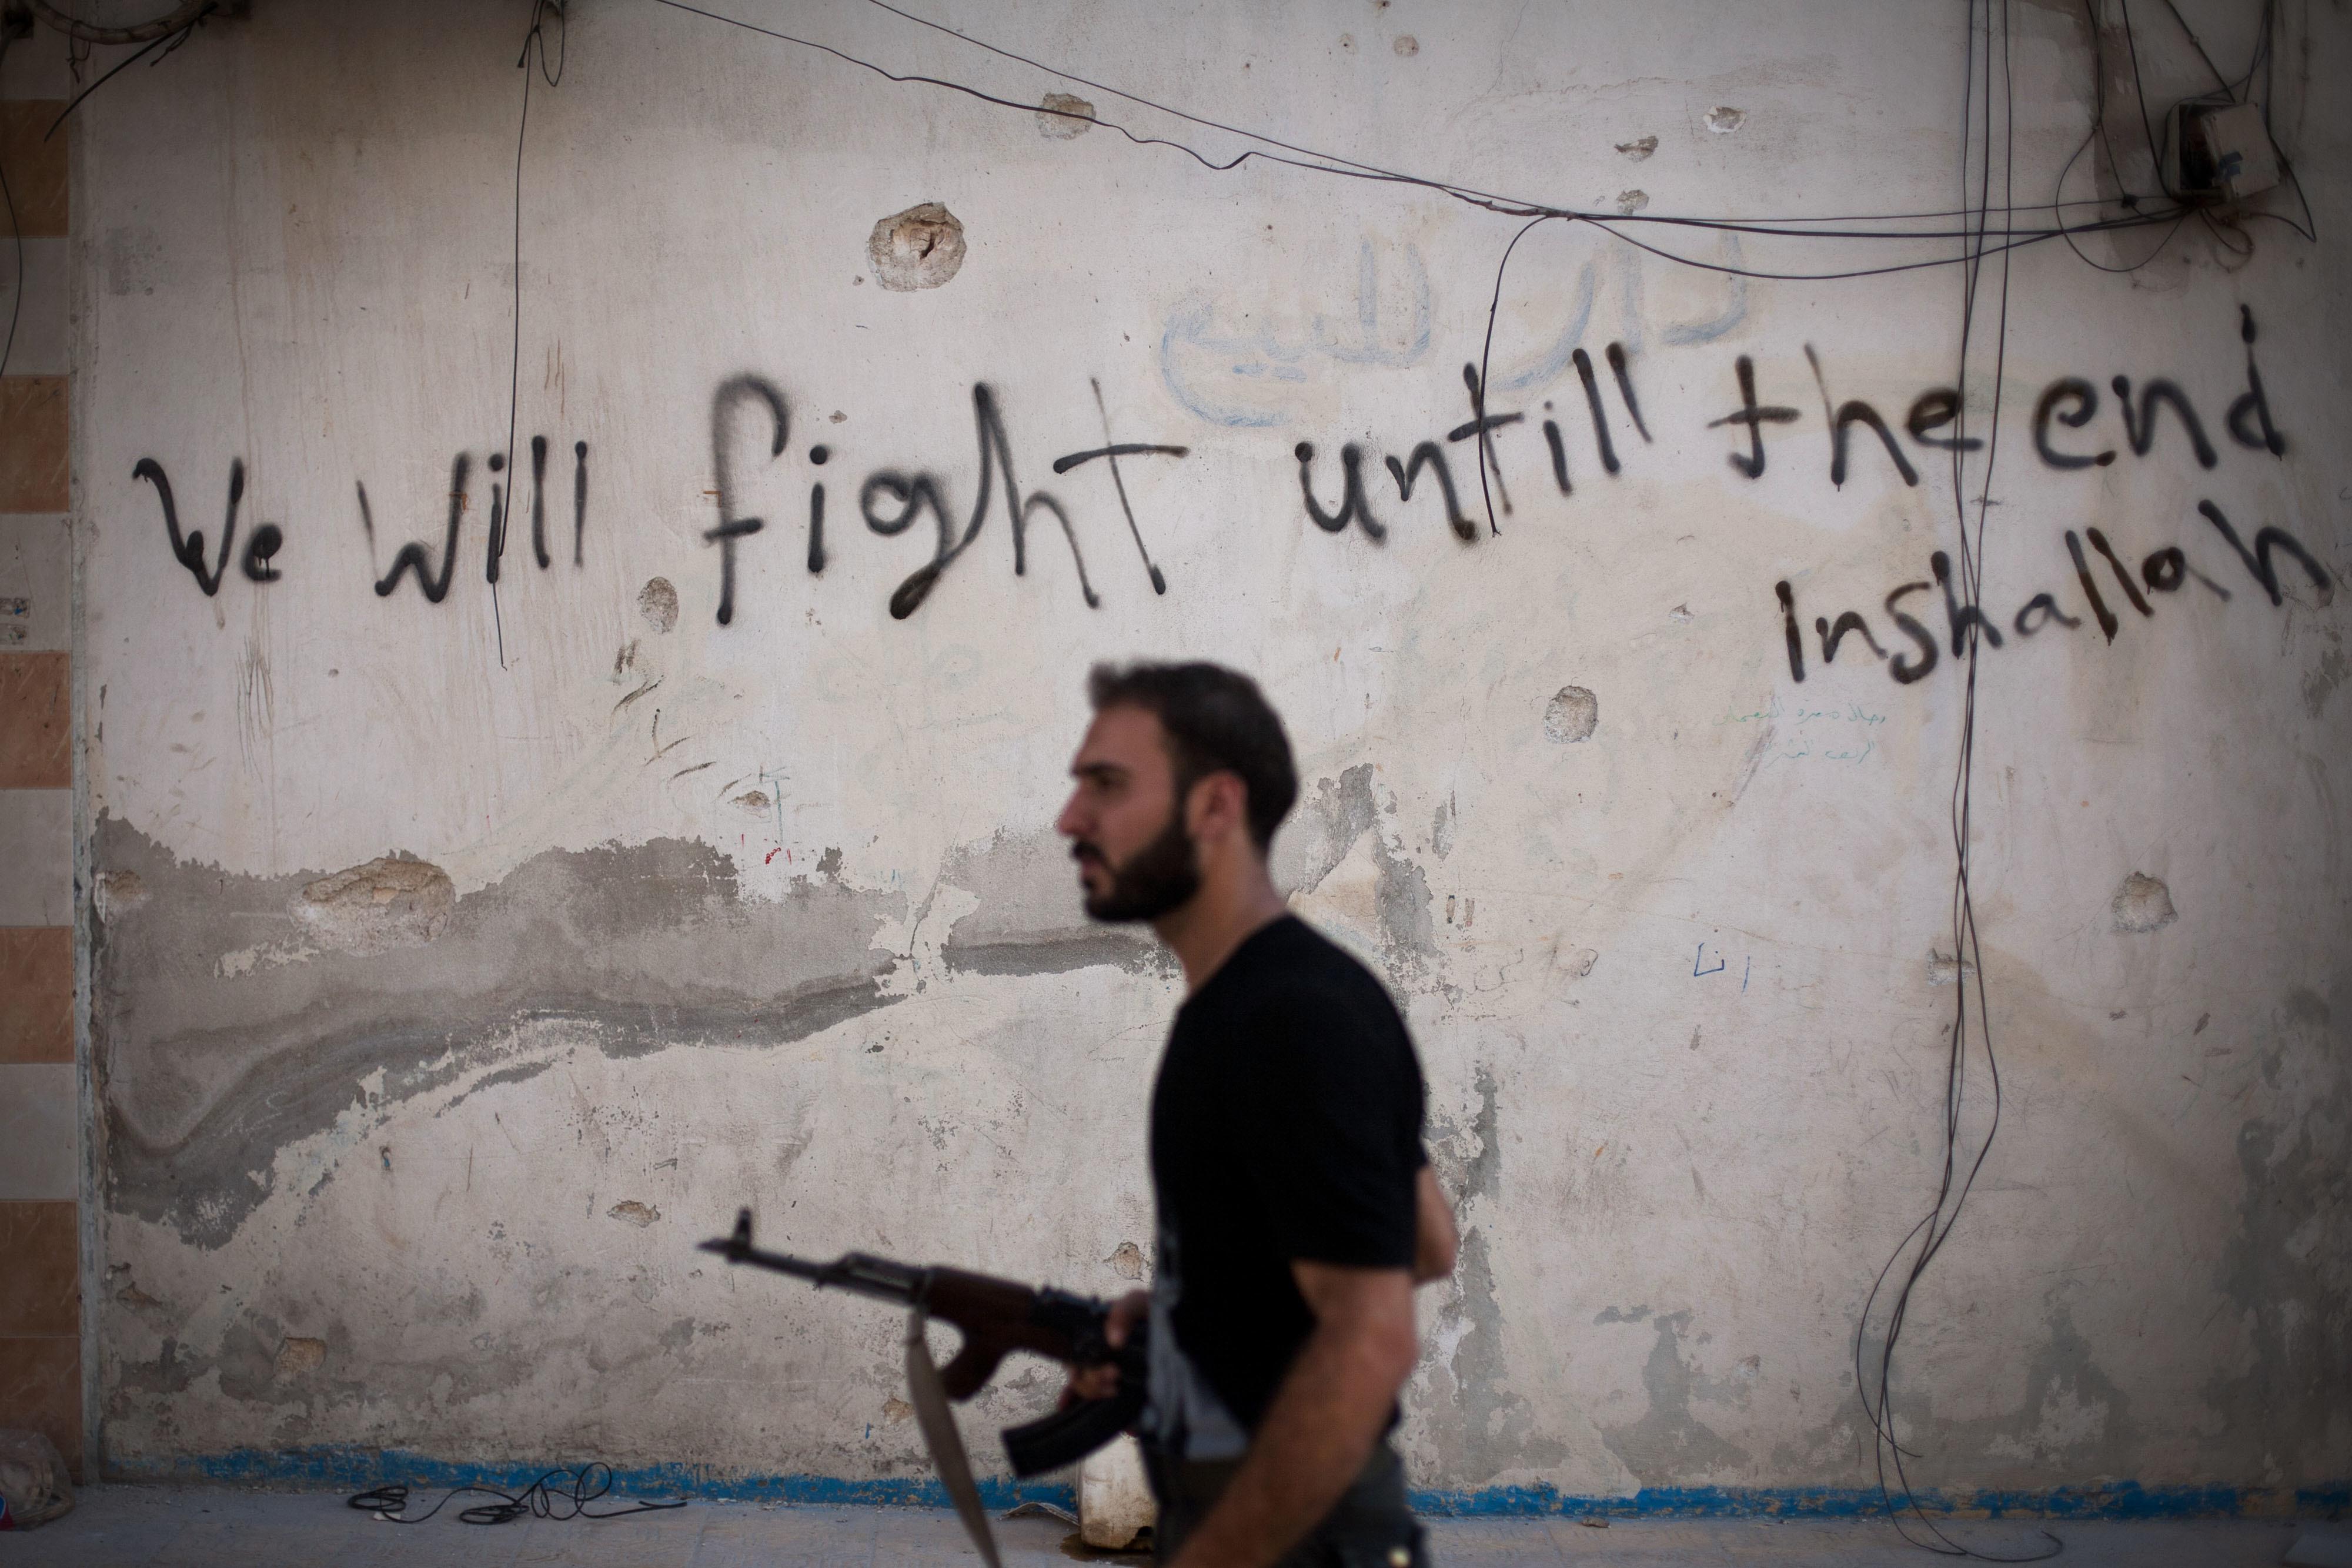 敘利亞北部大城阿勒坡戰火頻仍,一面牆上有人用英文寫著「我們會奮戰到最後—如果神允許的話」。(美聯社)